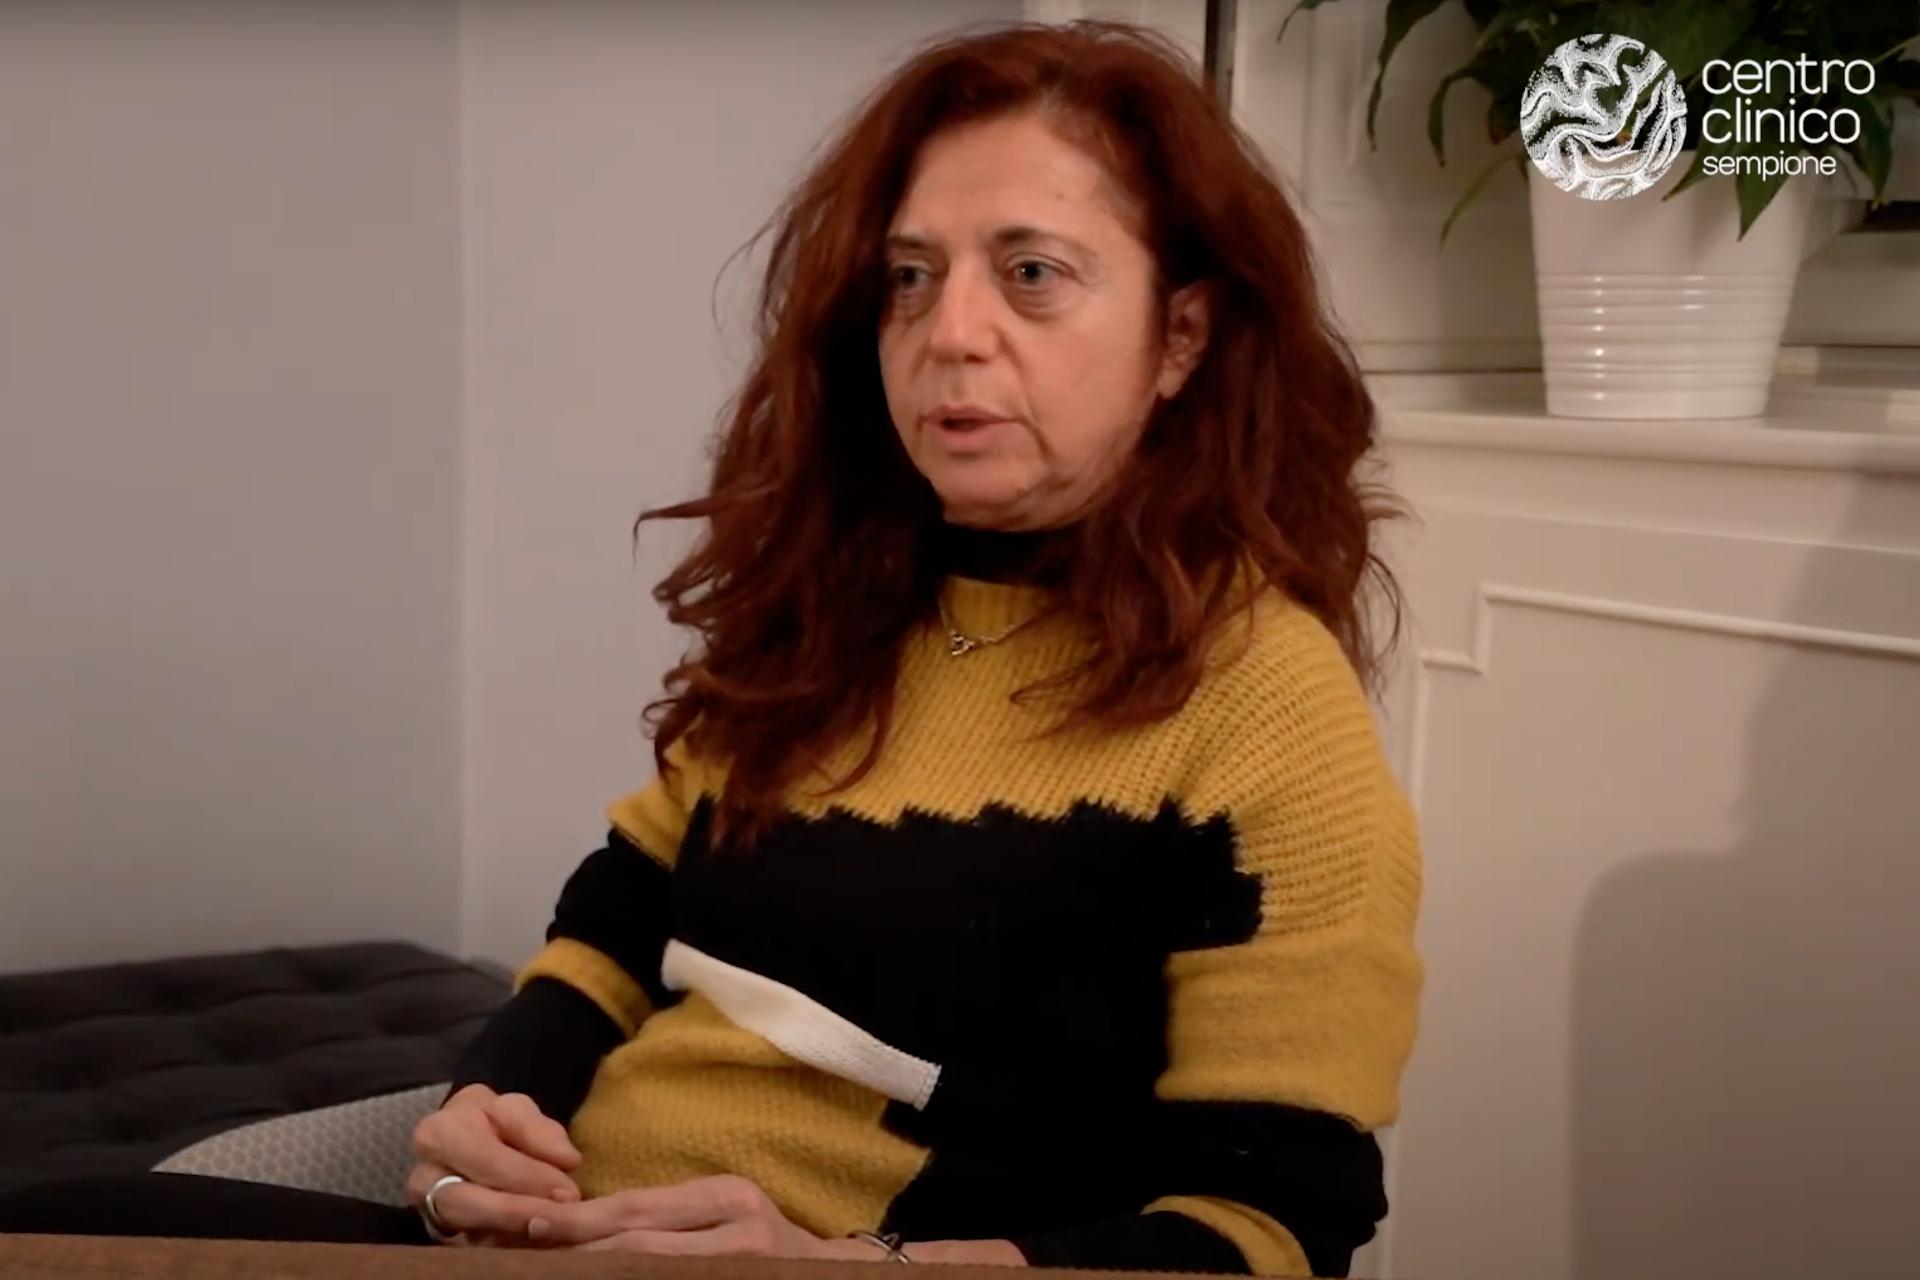 Il Centro Clinico Sempione intervista la Dott.ssa Rita Bisanti, Supervisore del Centro